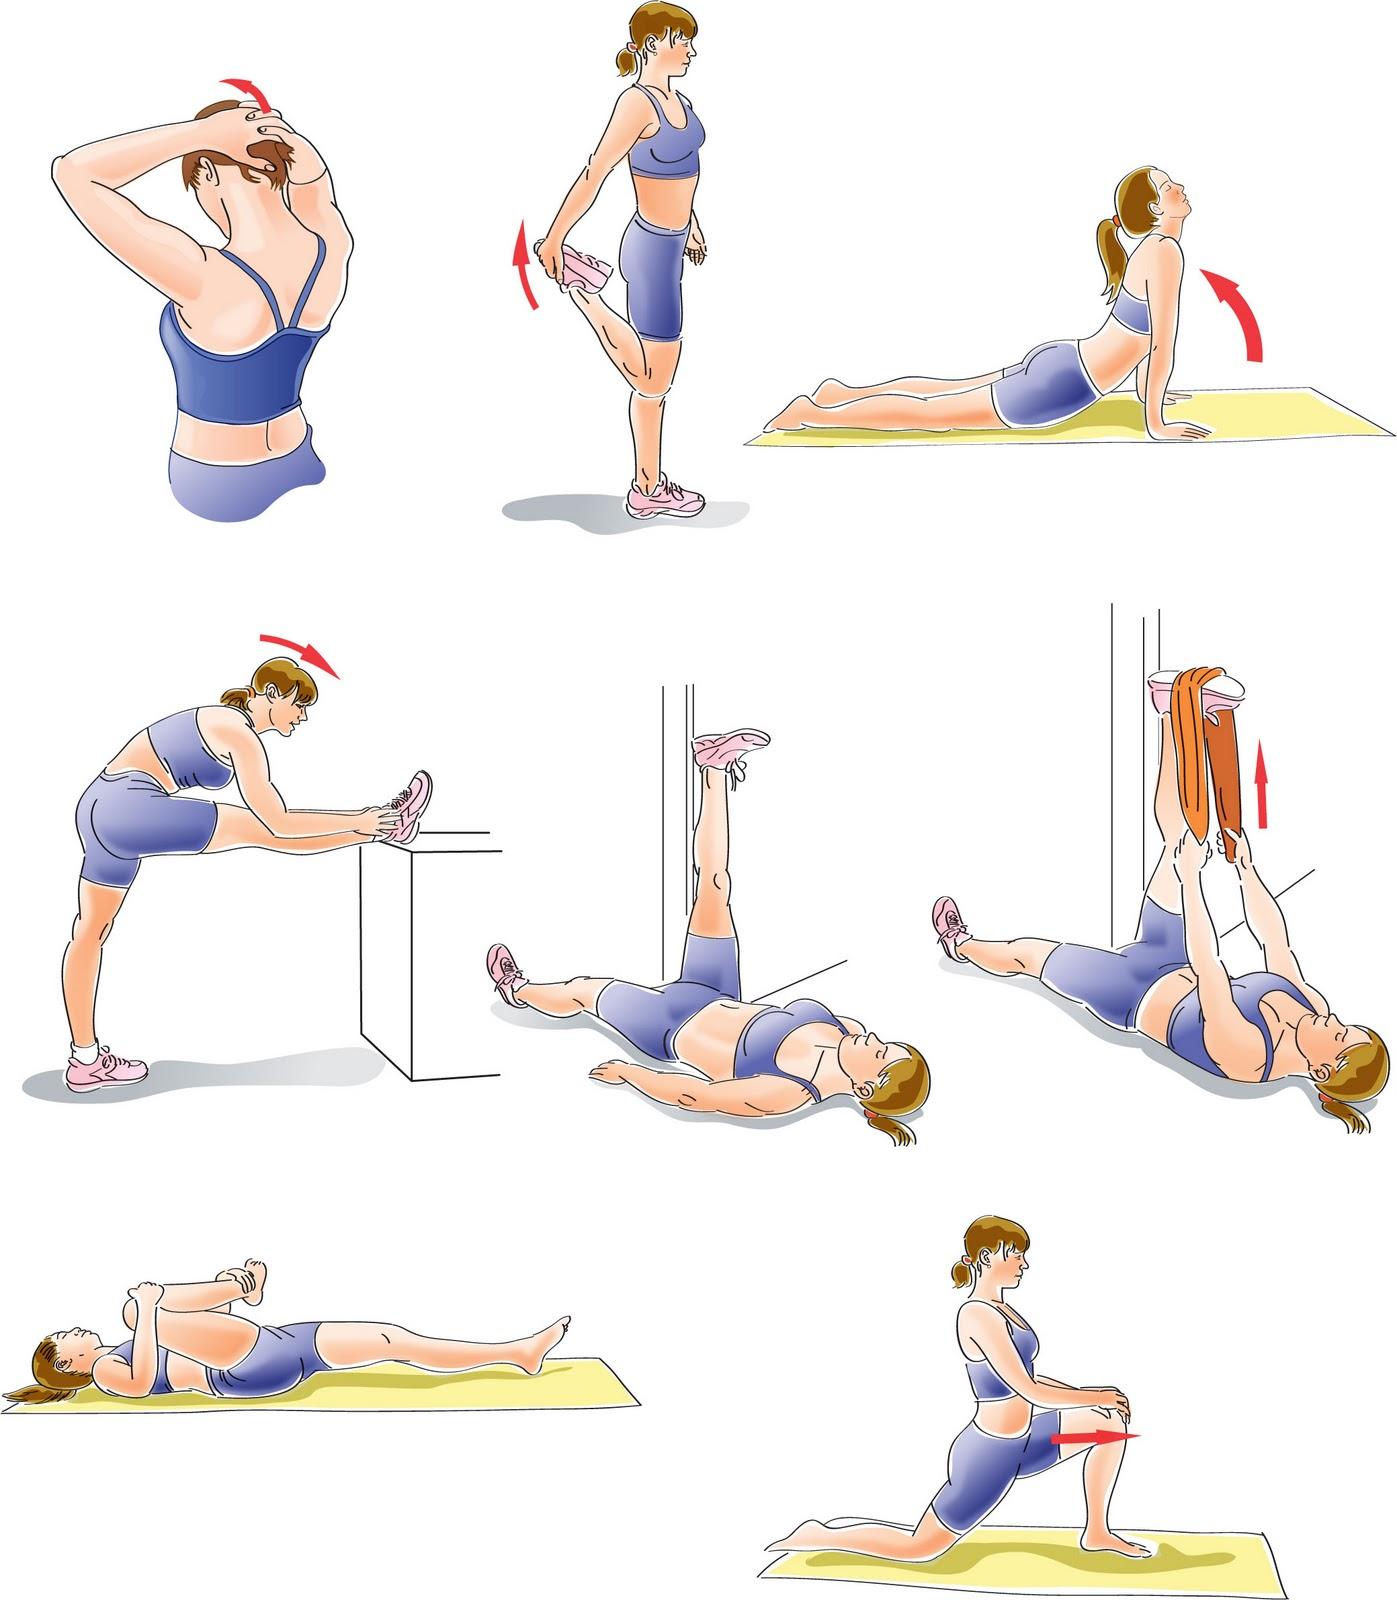 suplementos para quemar grasa y aumentar masa muscular